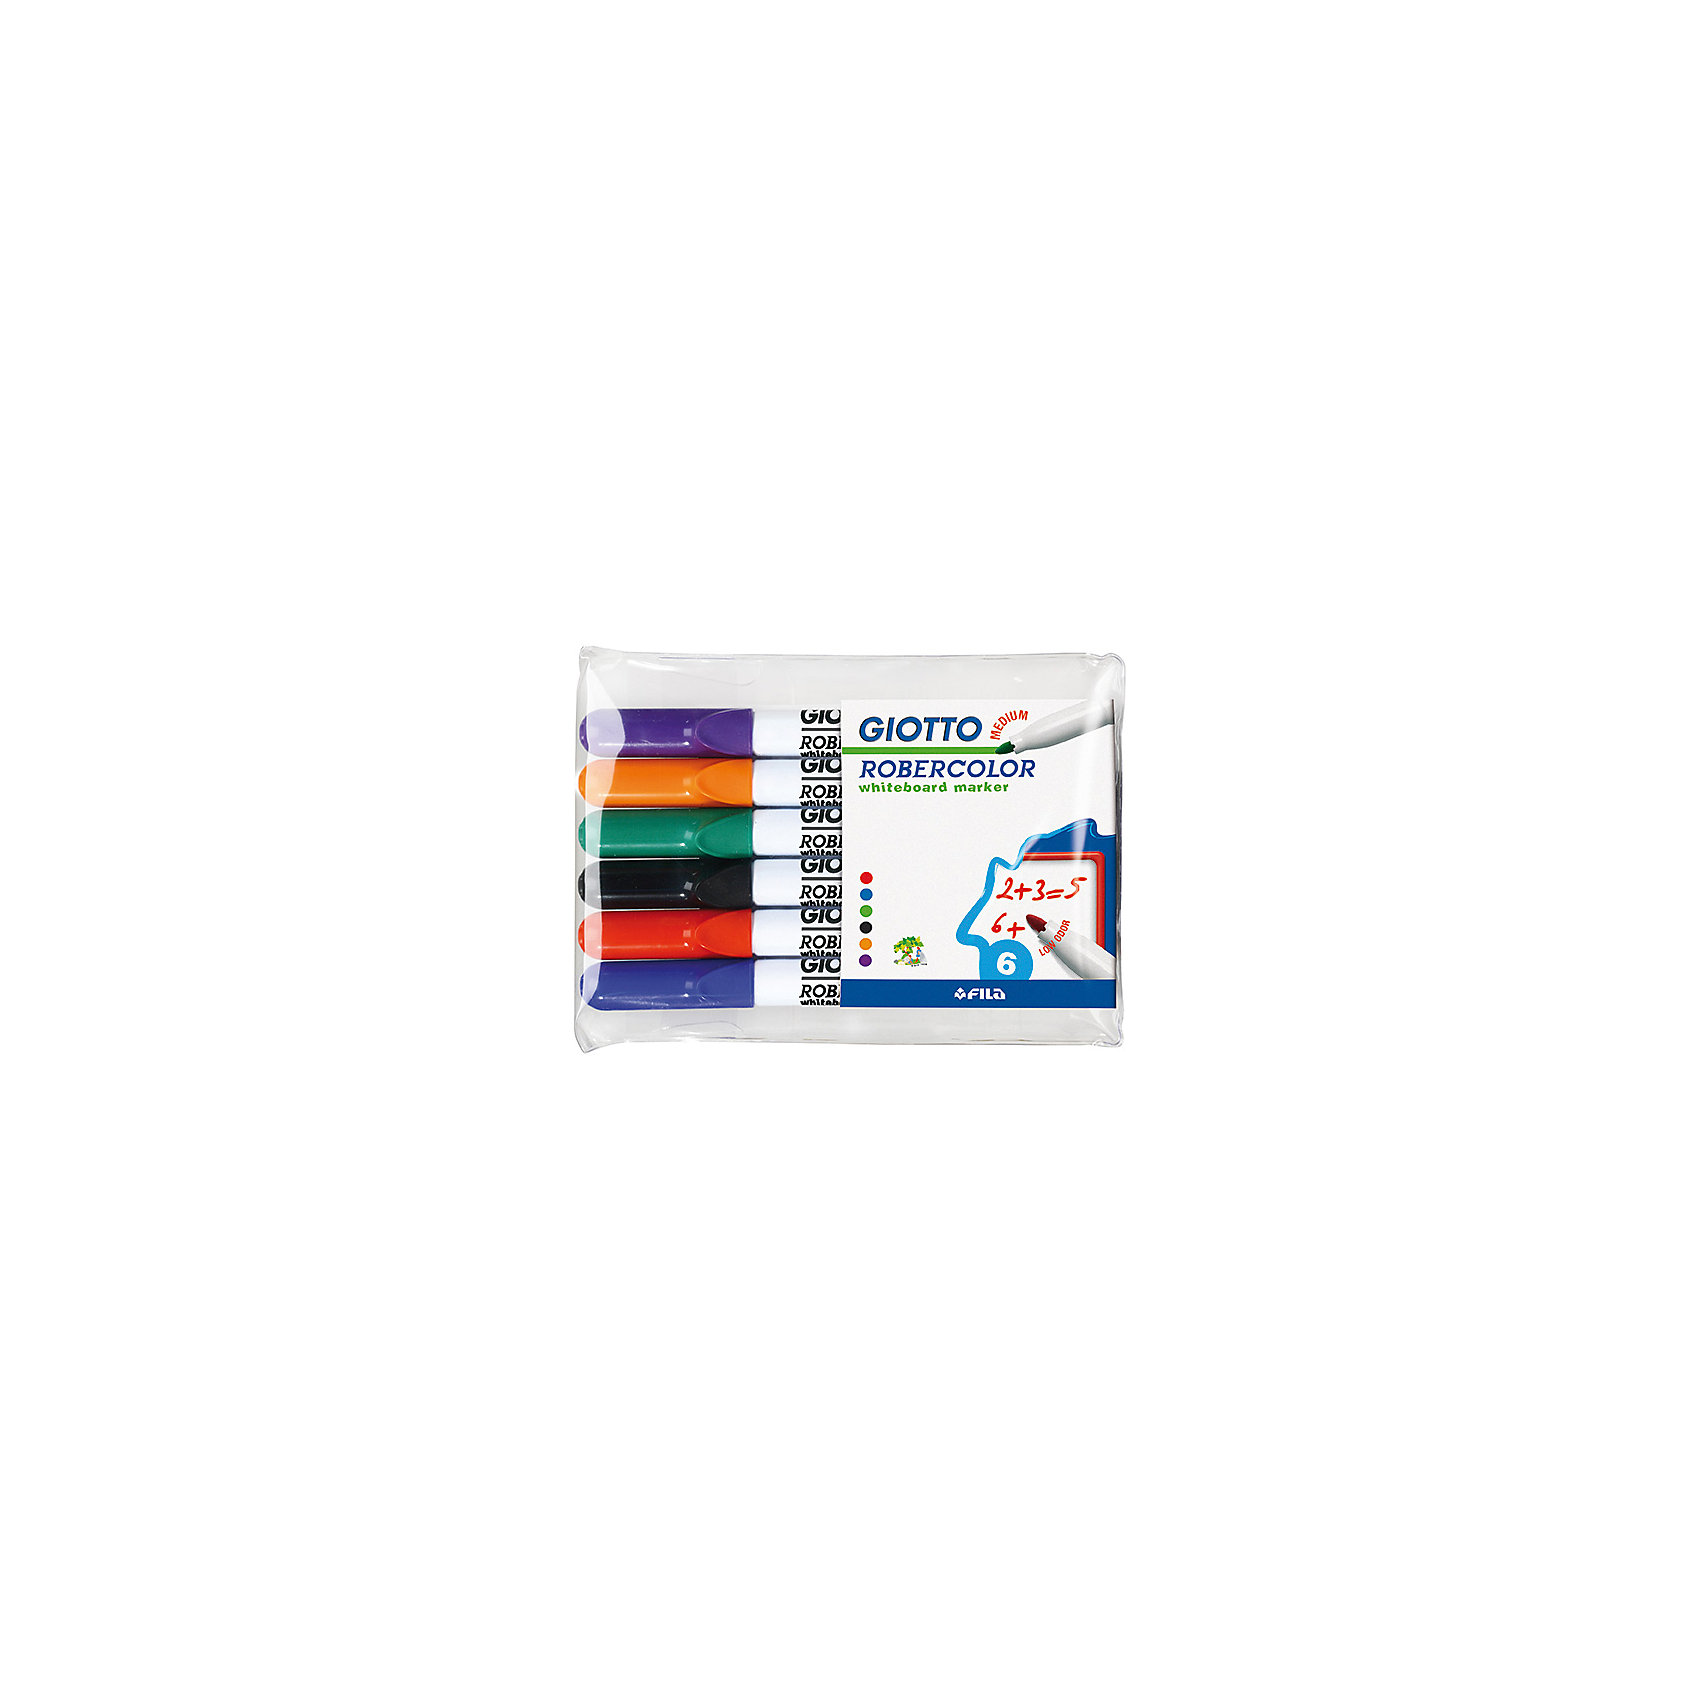 Набор маркеров для белой доски со средним наконечником 6штПисьменные принадлежности<br>Характеристики товара:<br><br>• в комплекте: 6 маркеров;<br>• цвета: синий, черный, красный, зеленый, оранжевый, фиолетовый;<br>• материал: пластик;<br>• размер упаковки: 16х10,3х1 см;<br>• вес: 86 грамм;<br>• возраст: от 3 лет.<br><br>Маркеры Giotto Robecolor Whiteboard Medium подходят для рисования на любых белых досках. В наборе 4 ярких цвета: красный, синий, зеленый, черный. Наконечник круглой формы выполнен в средней толщине. Рисунок быстро стирается с доски при необходимости.<br><br>Giotto (Джотто) Robecolor Whiteboard Medium Набор маркеров для белой доски 6шт в бл. можно купить в нашем интернет-магазине.<br><br>Ширина мм: 60<br>Глубина мм: 10<br>Высота мм: 140<br>Вес г: 90<br>Возраст от месяцев: 72<br>Возраст до месяцев: 120<br>Пол: Унисекс<br>Возраст: Детский<br>SKU: 5107807